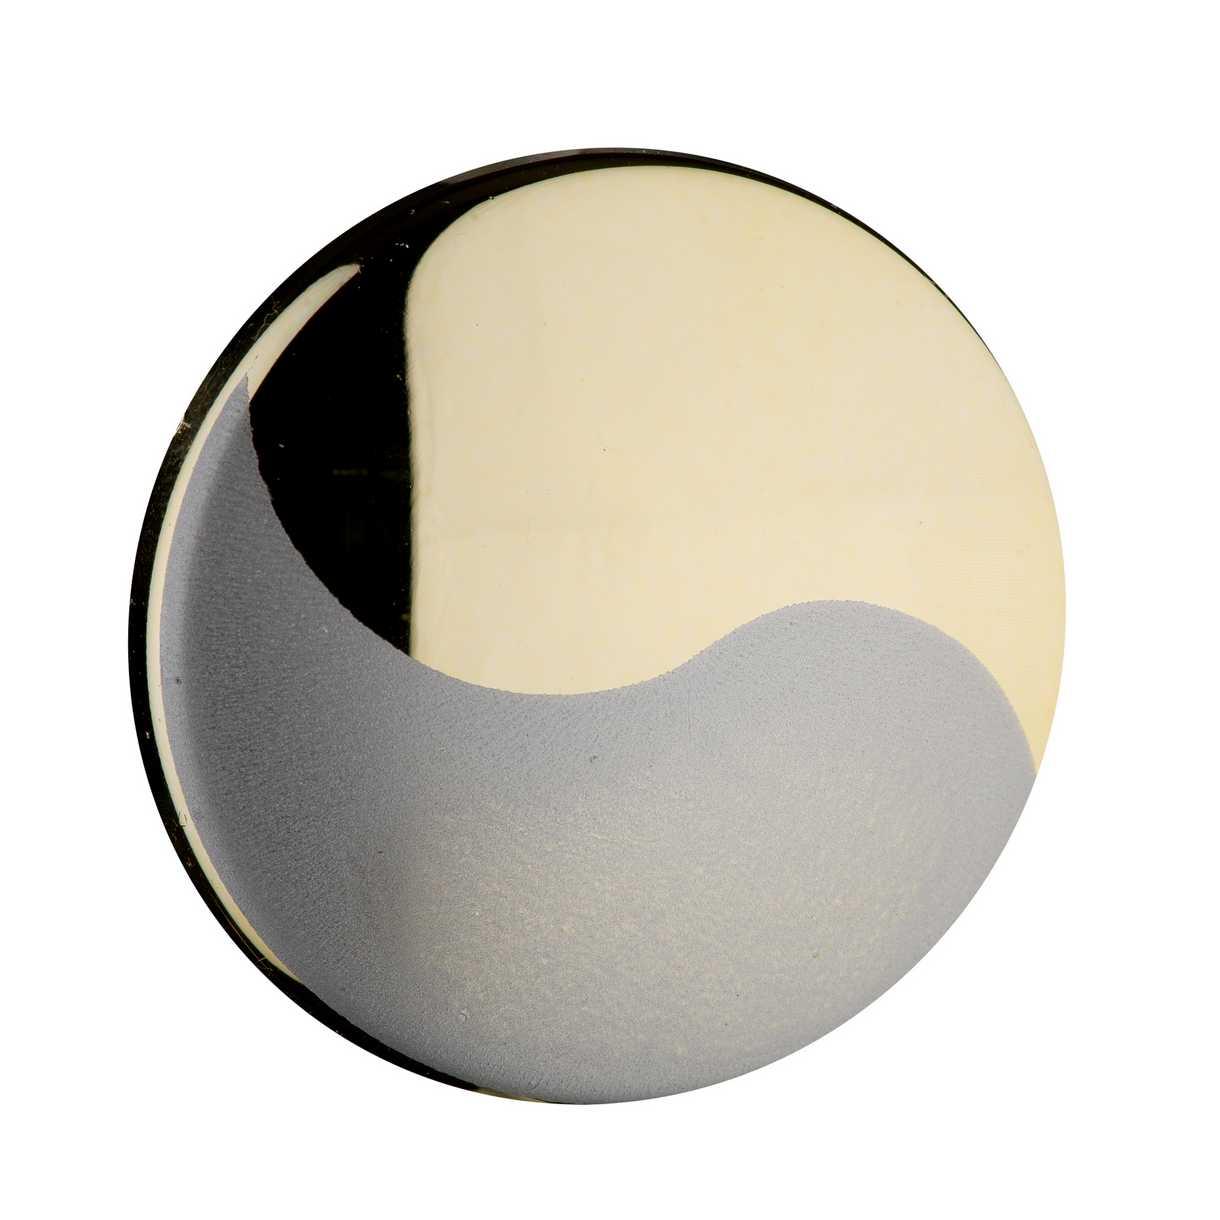 Клипсы магнитные для штор SmolTtx Инь-ян, цвет: золотистый, серебристый, длина 30 см544092_2М3Магнитные клипсы SmolTtx Инь-ян предназначены для придания формы шторам. Они оформлены символом единства противоположностей инь и ян. Изделие представляет собой соединенные тросиком два элемента, на внутренней поверхности которых расположены магниты.С помощью такой клипсы можно зафиксировать портьеры, придать им требуемое положение, сделать складки симметричными или приблизить портьеры, скрепить их.Следует отметить, что такие аксессуары для штор выполняют не только практическую функцию, но также являются одной из основных деталей декора, которая придает шторам восхитительный, стильный внешний вид. Диаметр клипсы: 4,5 см.Длина троса: 30 см.Длина троса (с учетом клипс): 38,5 см.